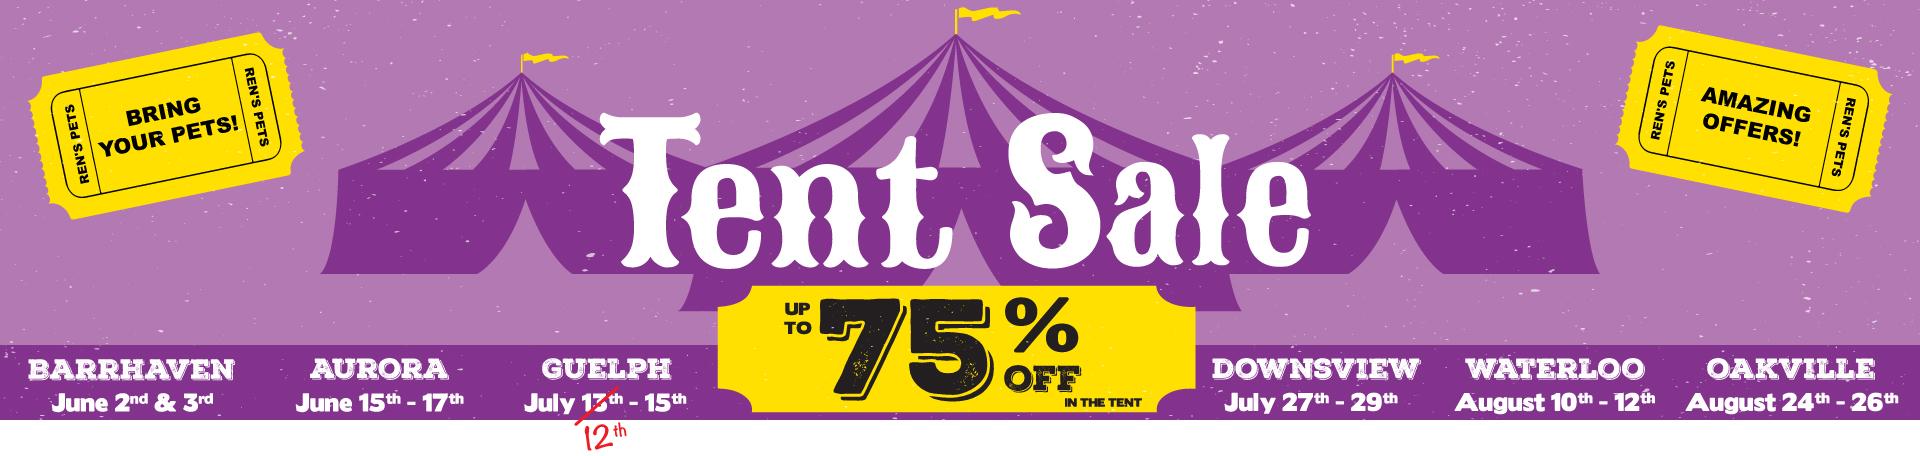 Ren's Pets Tent Sale